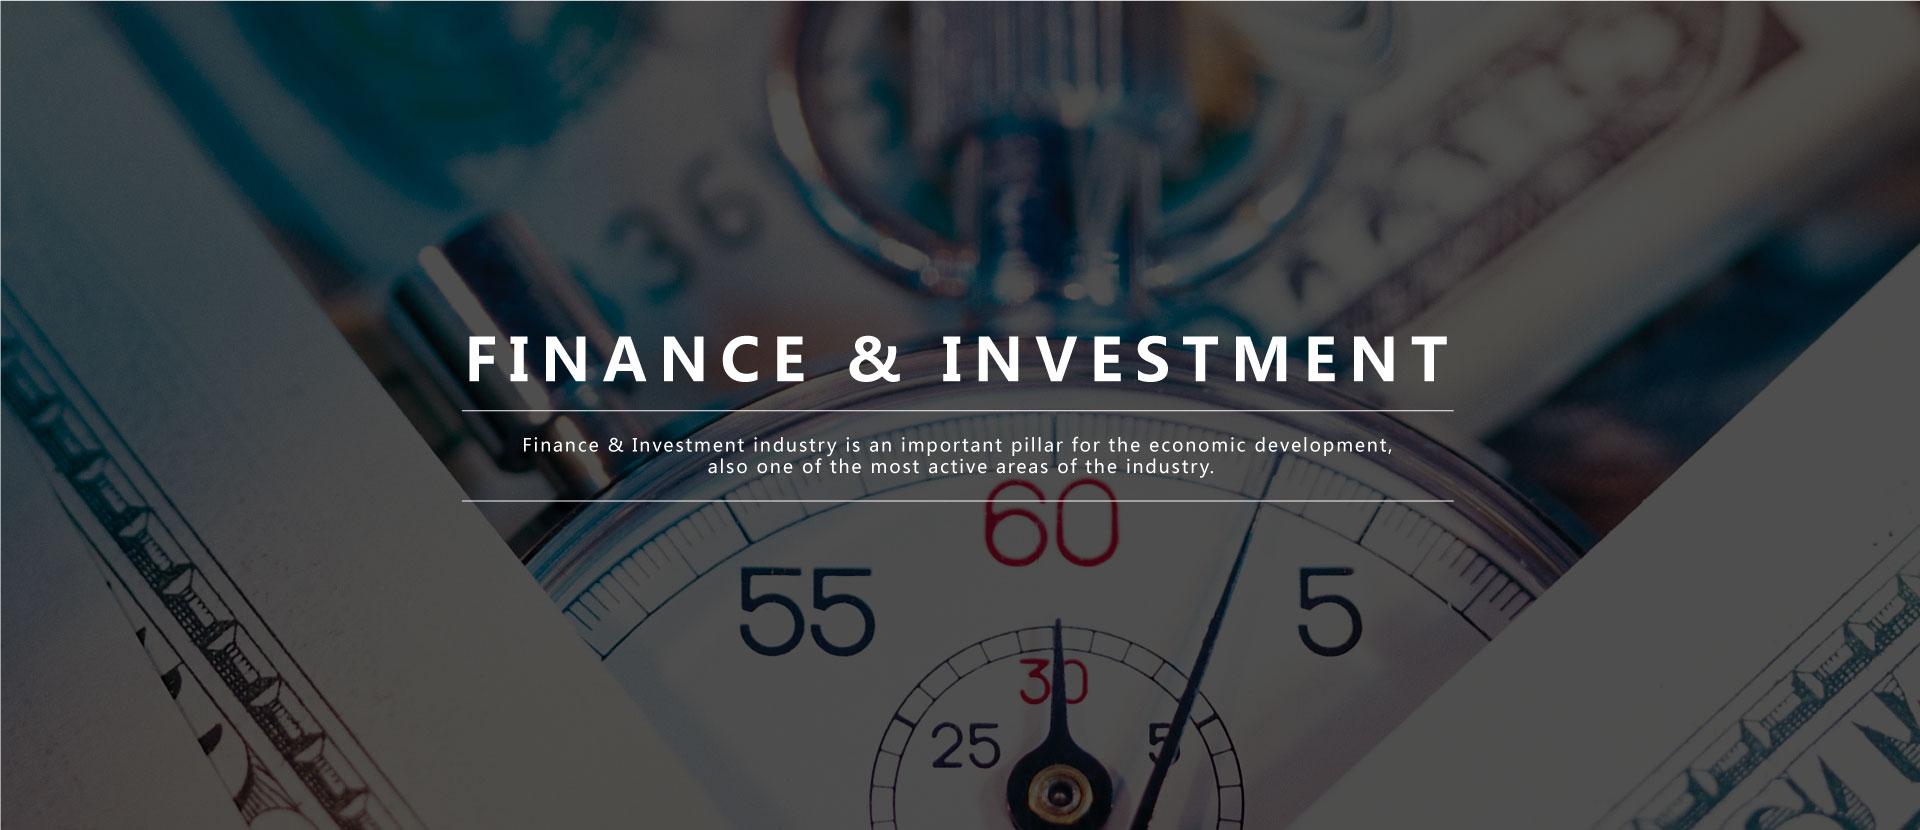 海报2(金融与投资)